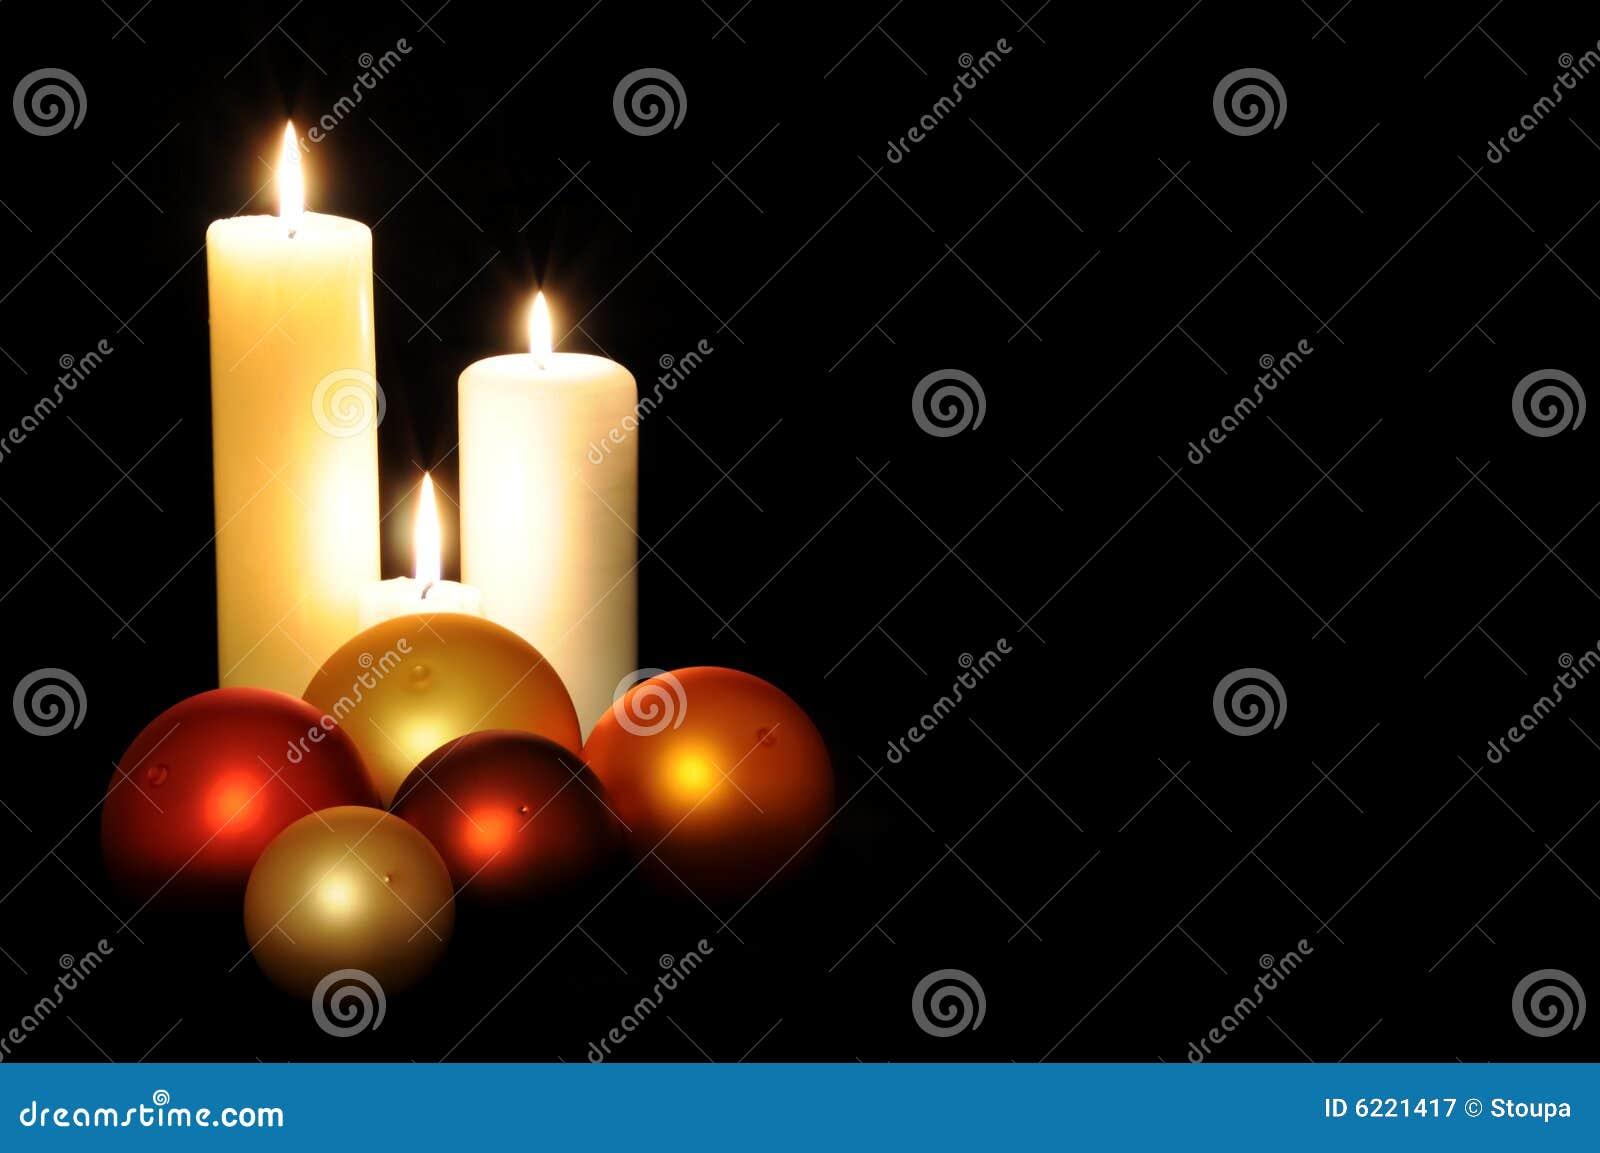 Christmas balls and candles